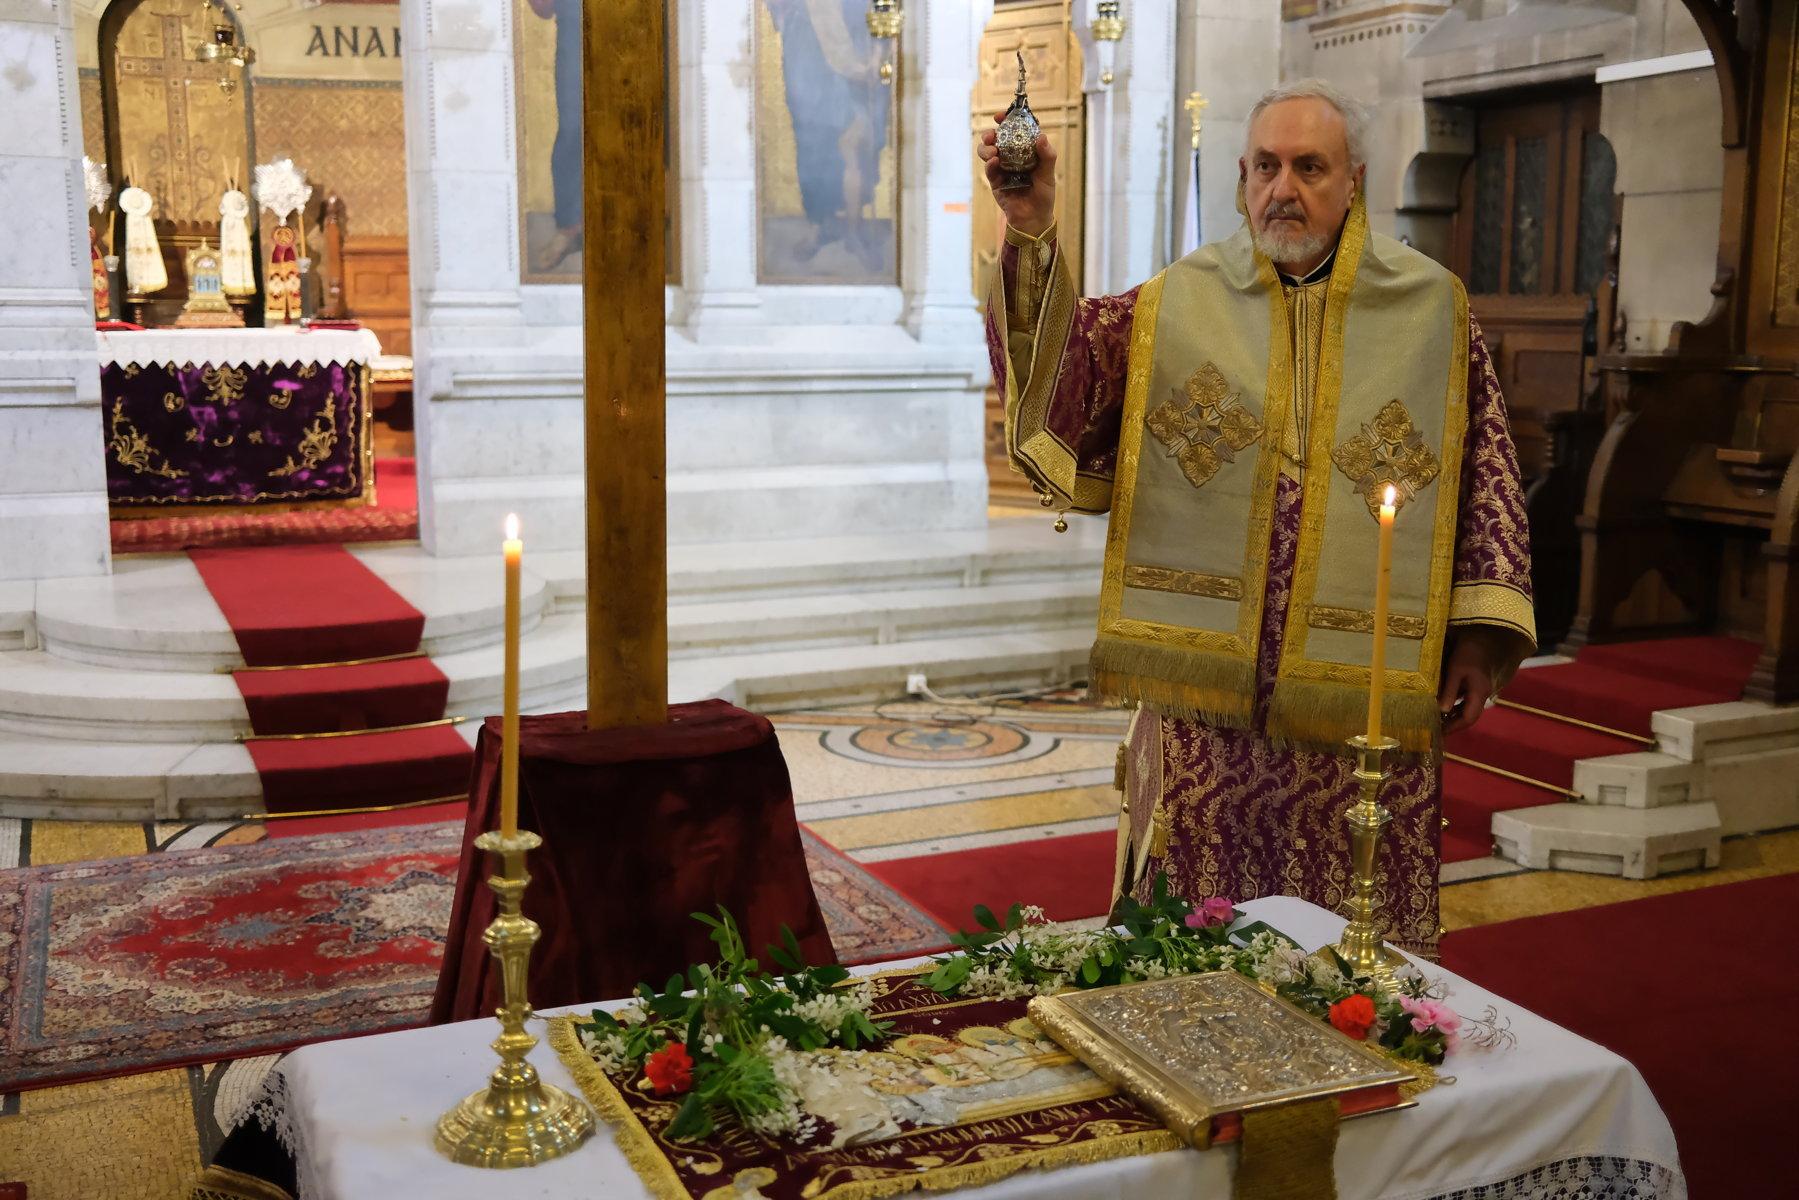 DSCF6726  - Μεγάλη Παρασκευή στον Άγιο Στέφανο Παρισίων (φωτο)